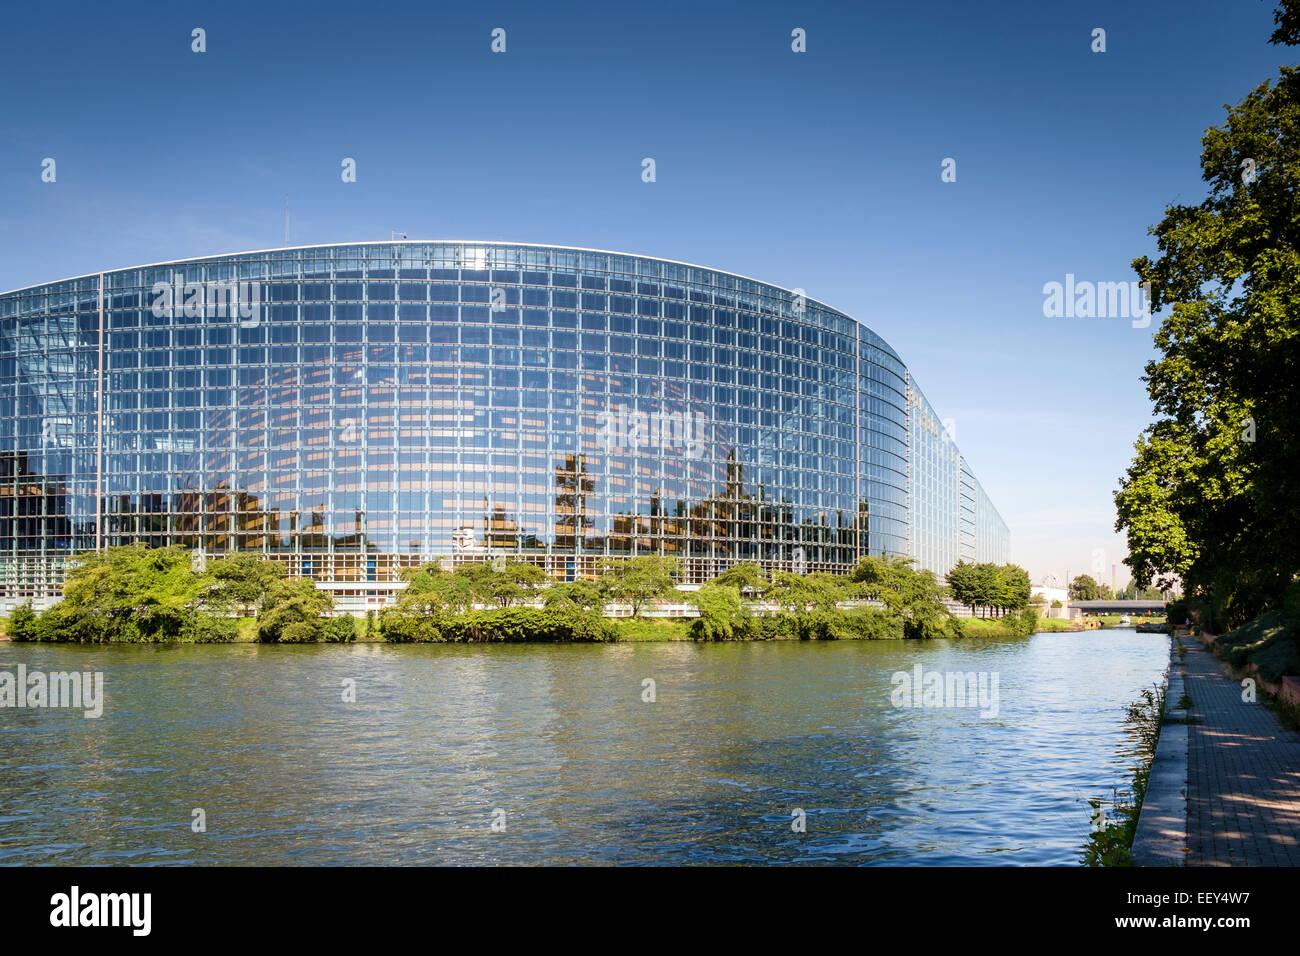 Architettura moderna, Francia - Edificio del Parlamento europeo a Strasburgo, Francia, Europa Immagini Stock